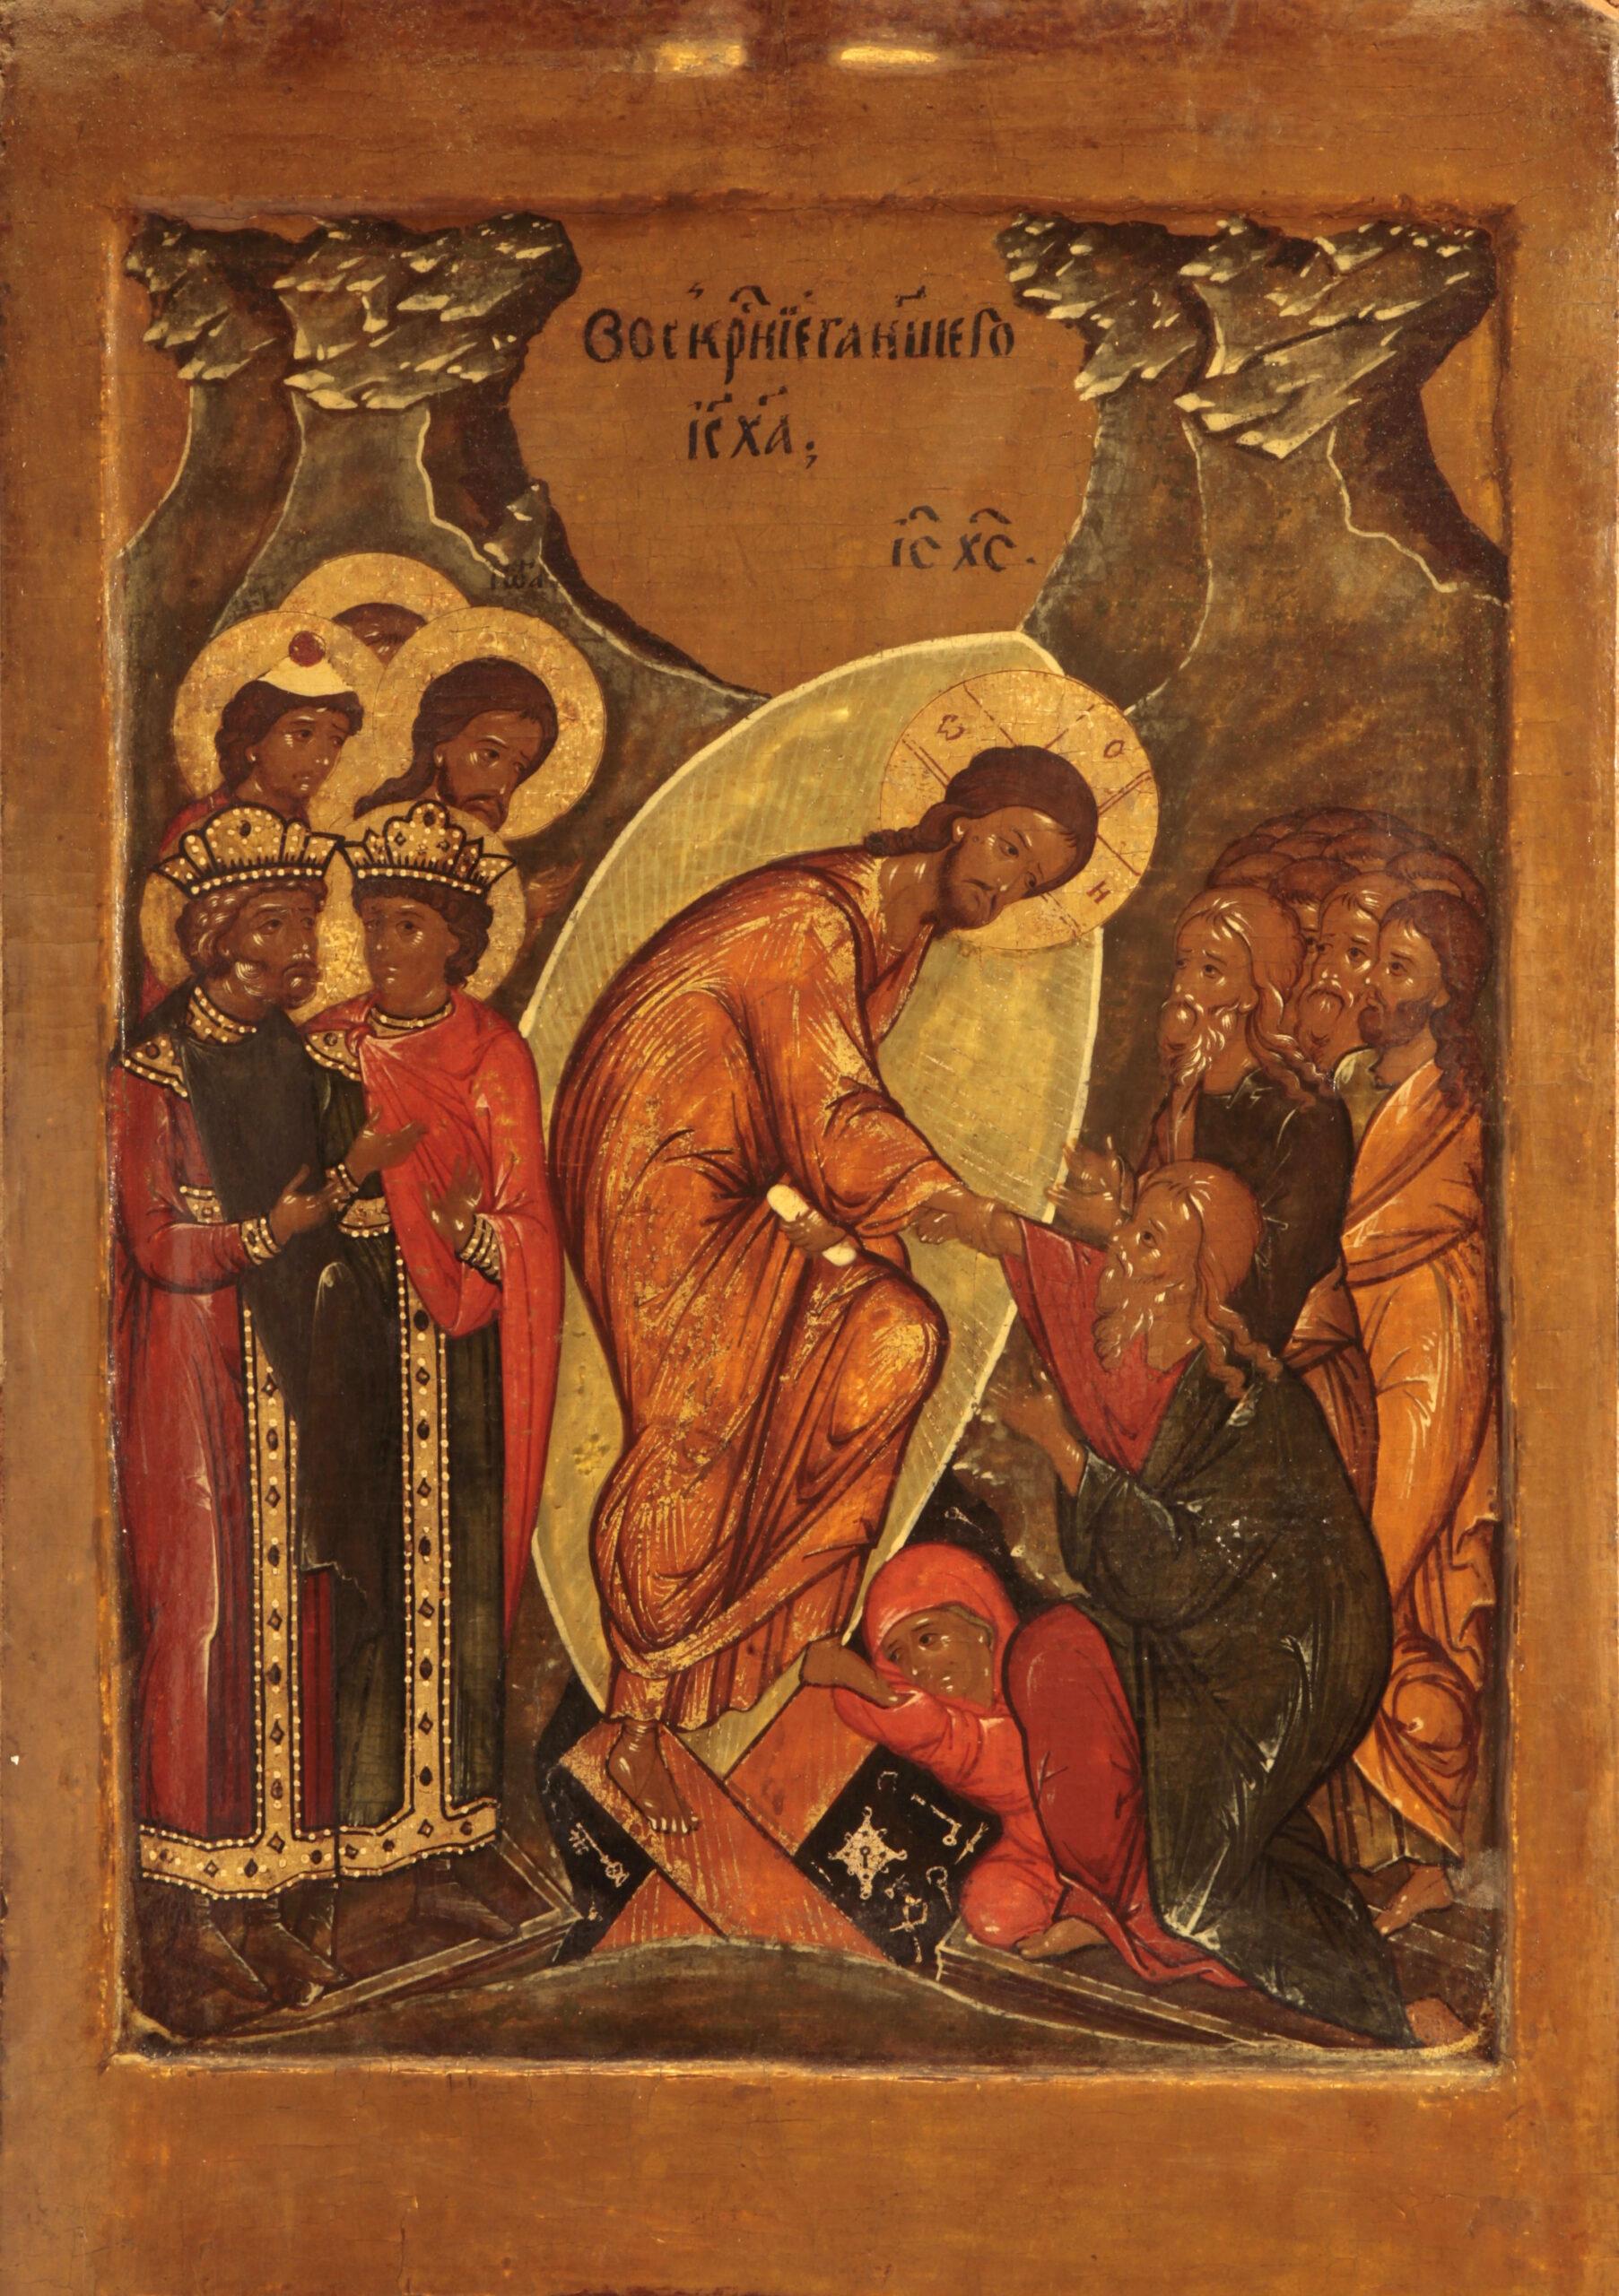 Икона «Воскресение Христово (Сошествие во ад)». XVI в. Из праздничного ряда иконостаса церкви Григория Армянского